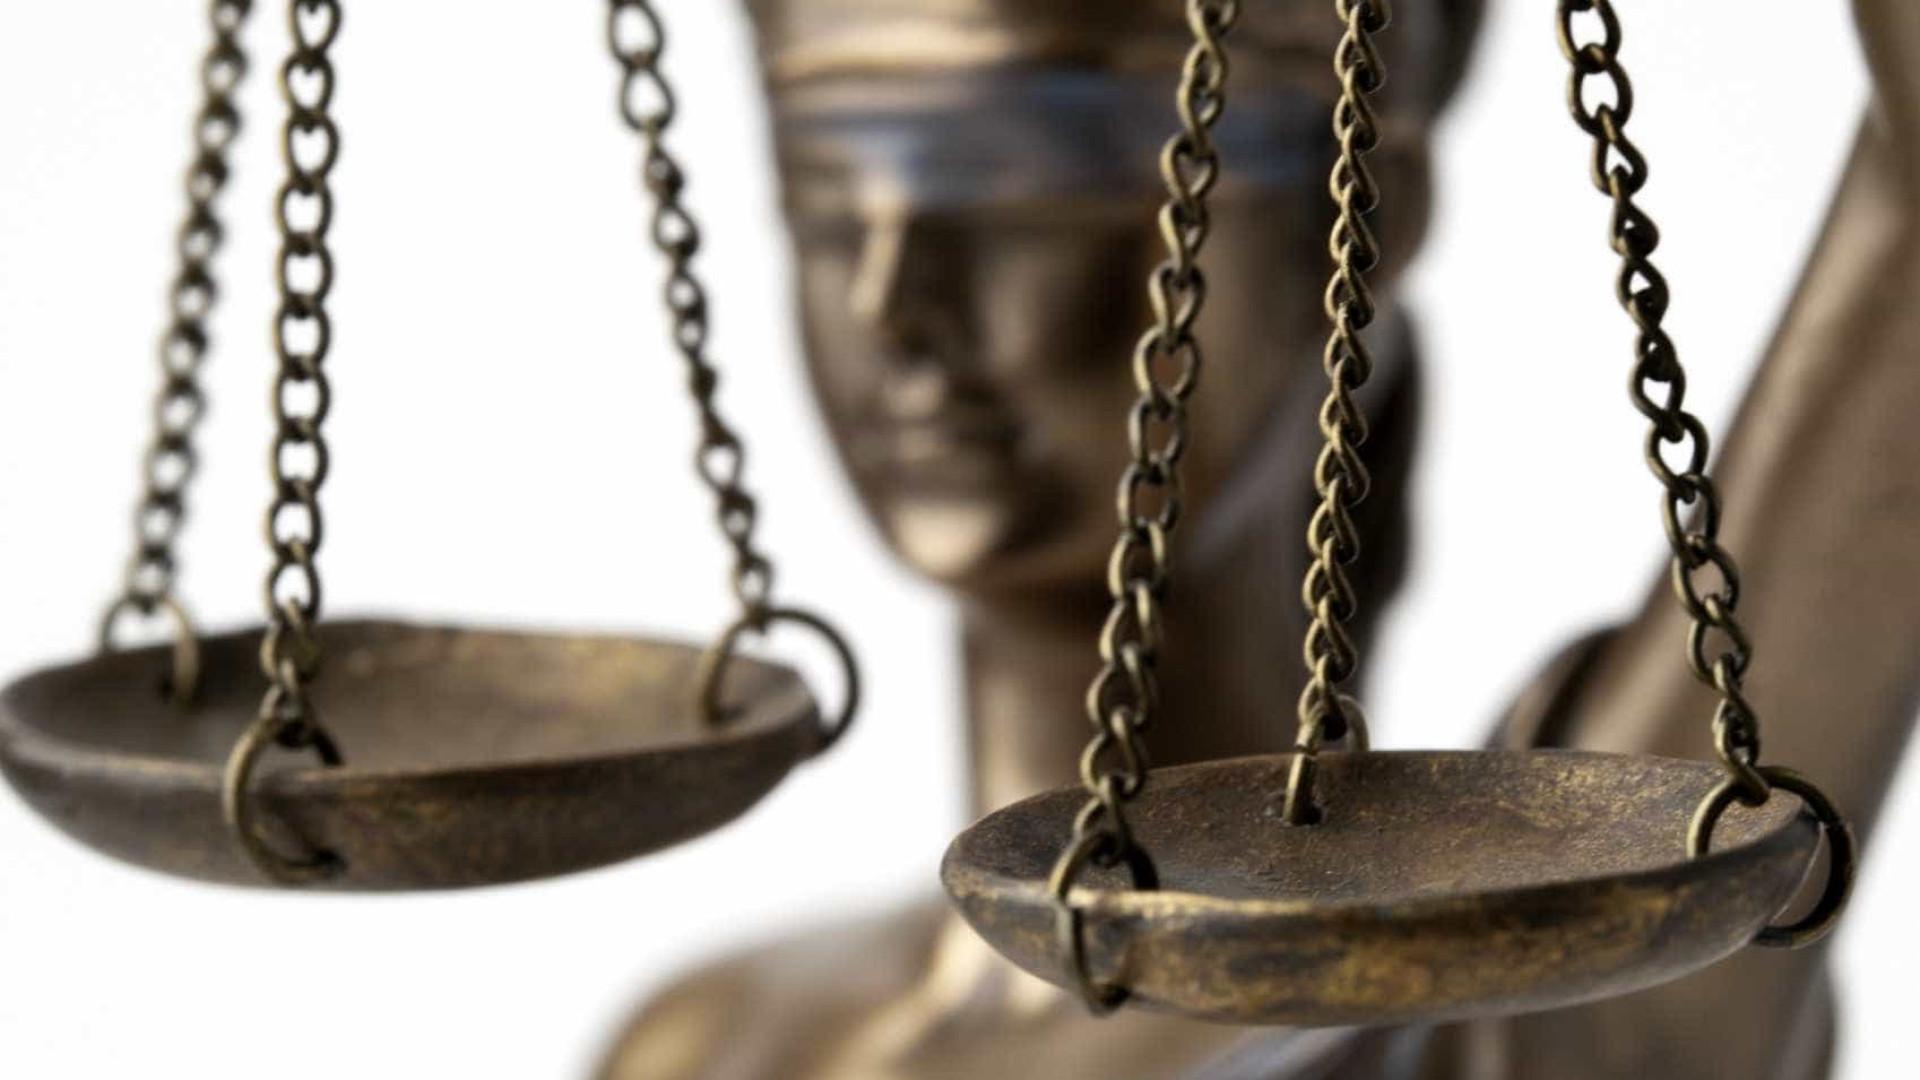 Homem que encomendou morte dos pais condenado a oito anos de prisão